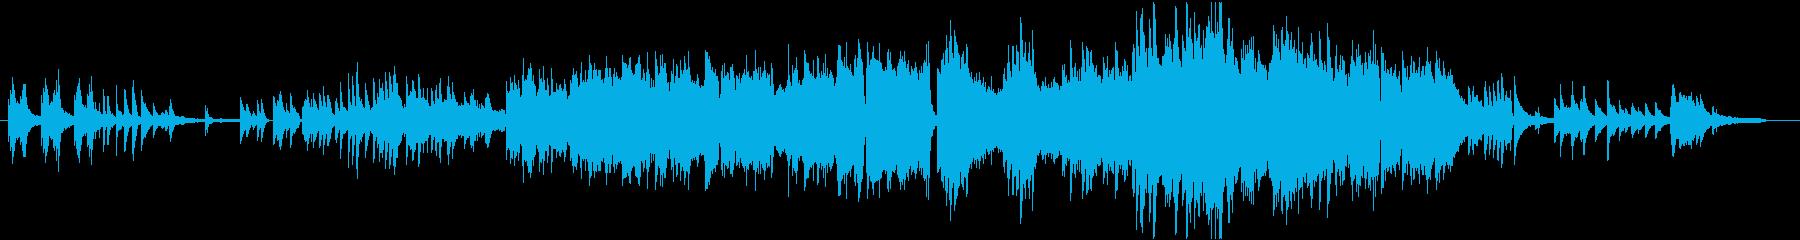 想い出のシーンに合うピアノ五重奏の再生済みの波形